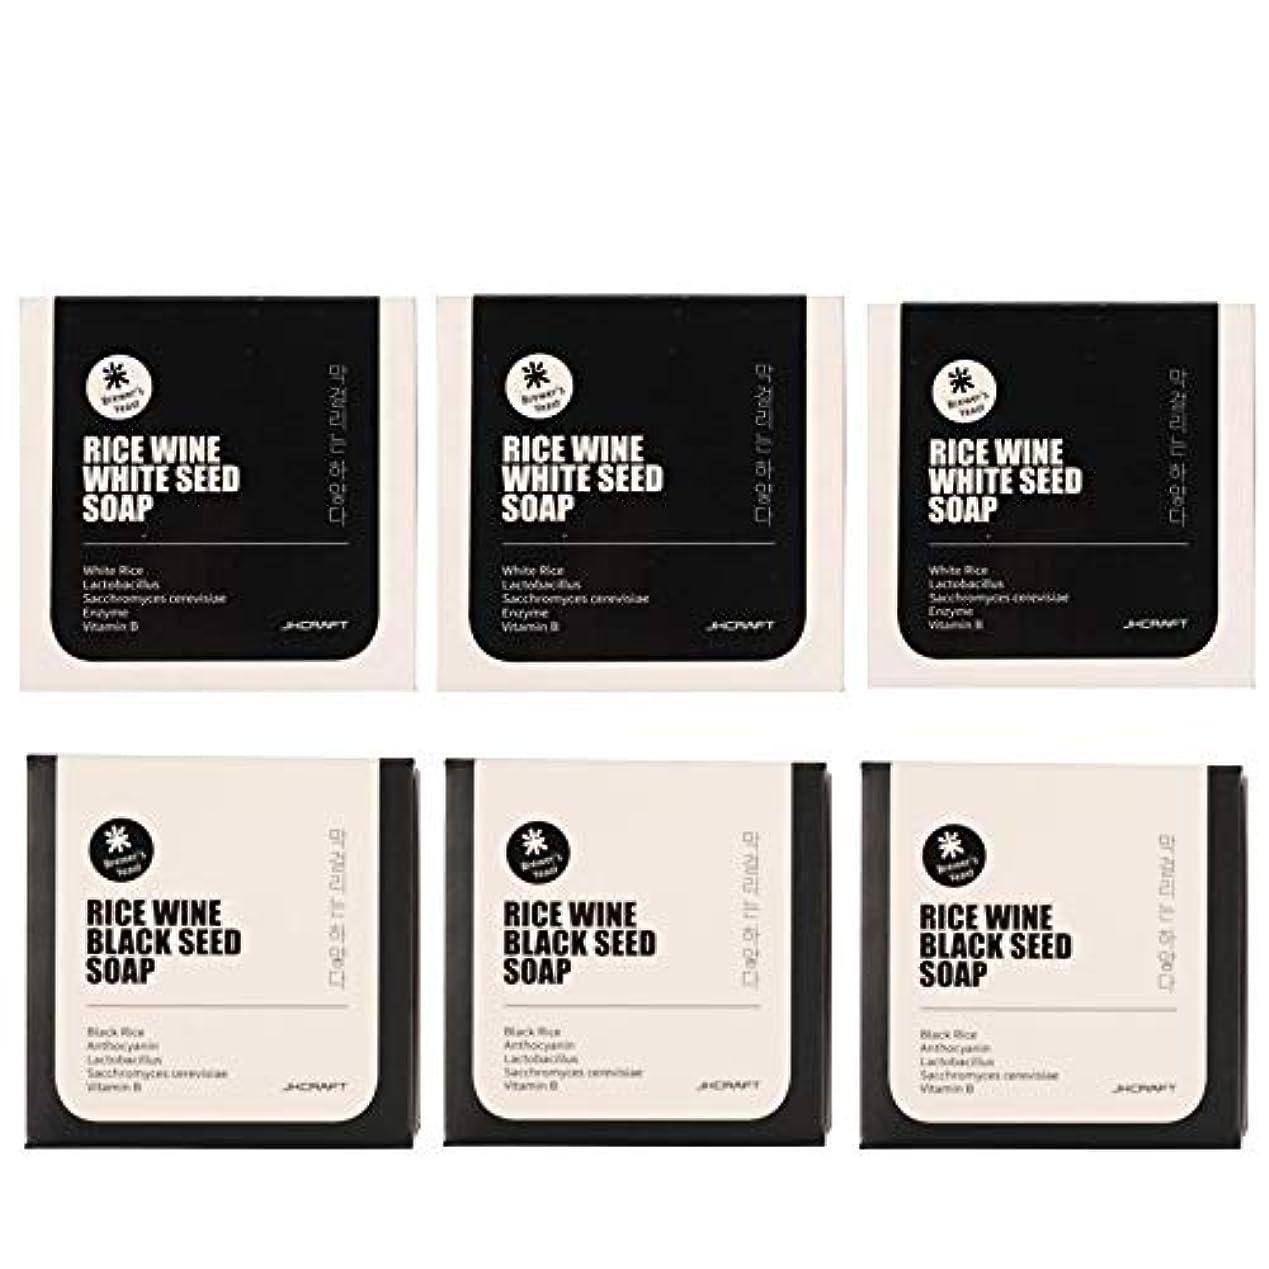 サーフィン急行するおもちゃJKCRAFT RICEWINE WHITE&BLACK SEED SOAP マッコリ酵母石鹸 & 黒米マッコリ酵母石鹸無添加,無刺激,天然洗顔石鹸 6pcs [並行輸入品]